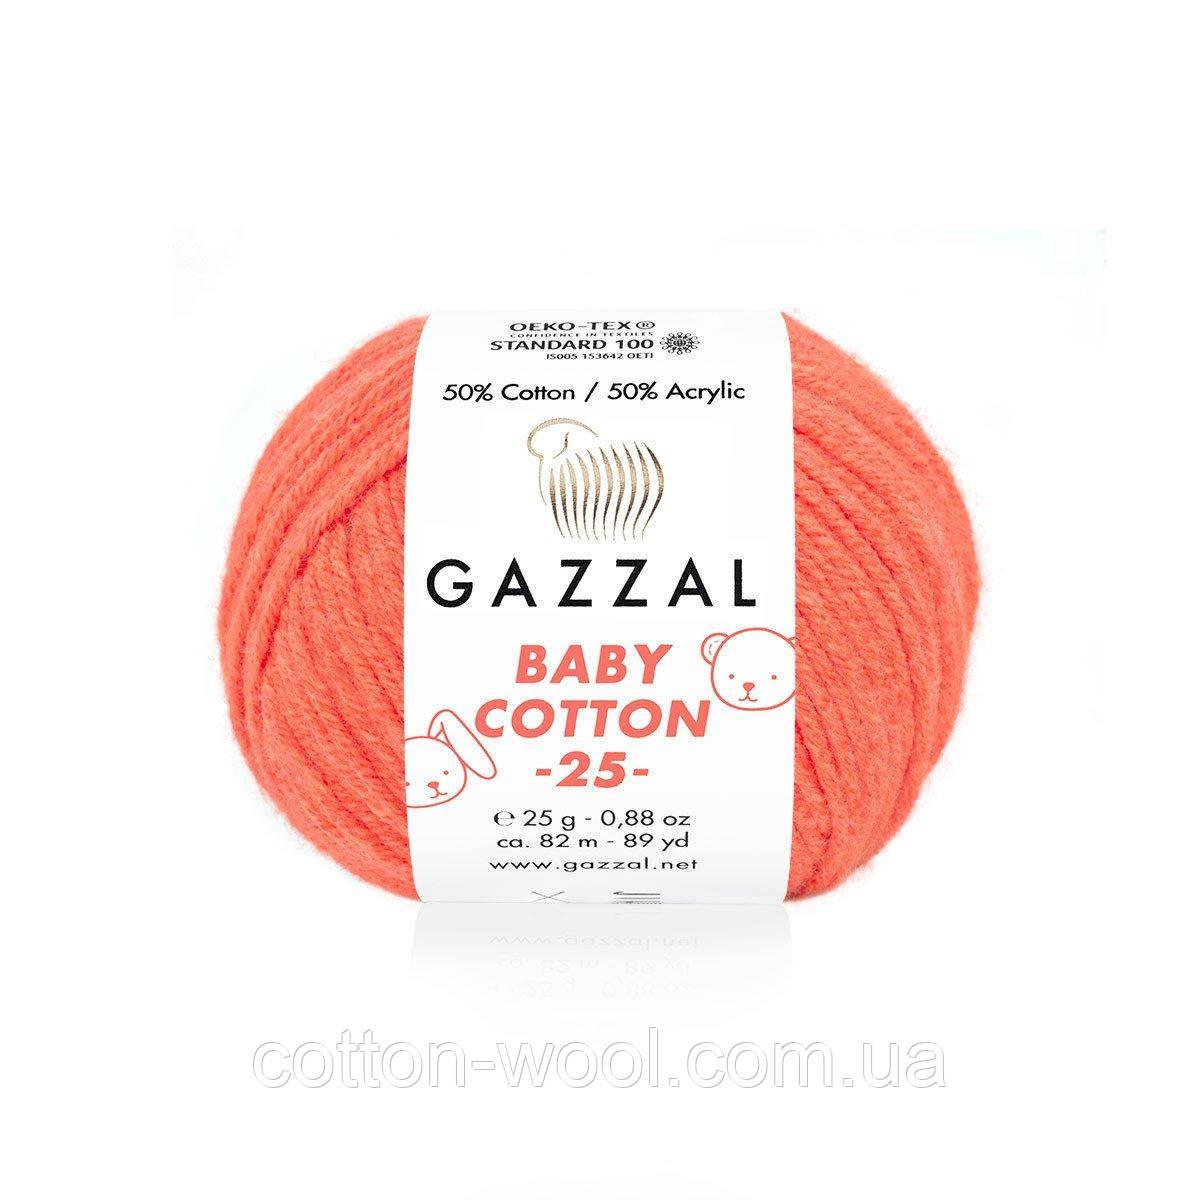 Gazzal Cotton Baby 25 (Бебі коттон 25) 3459